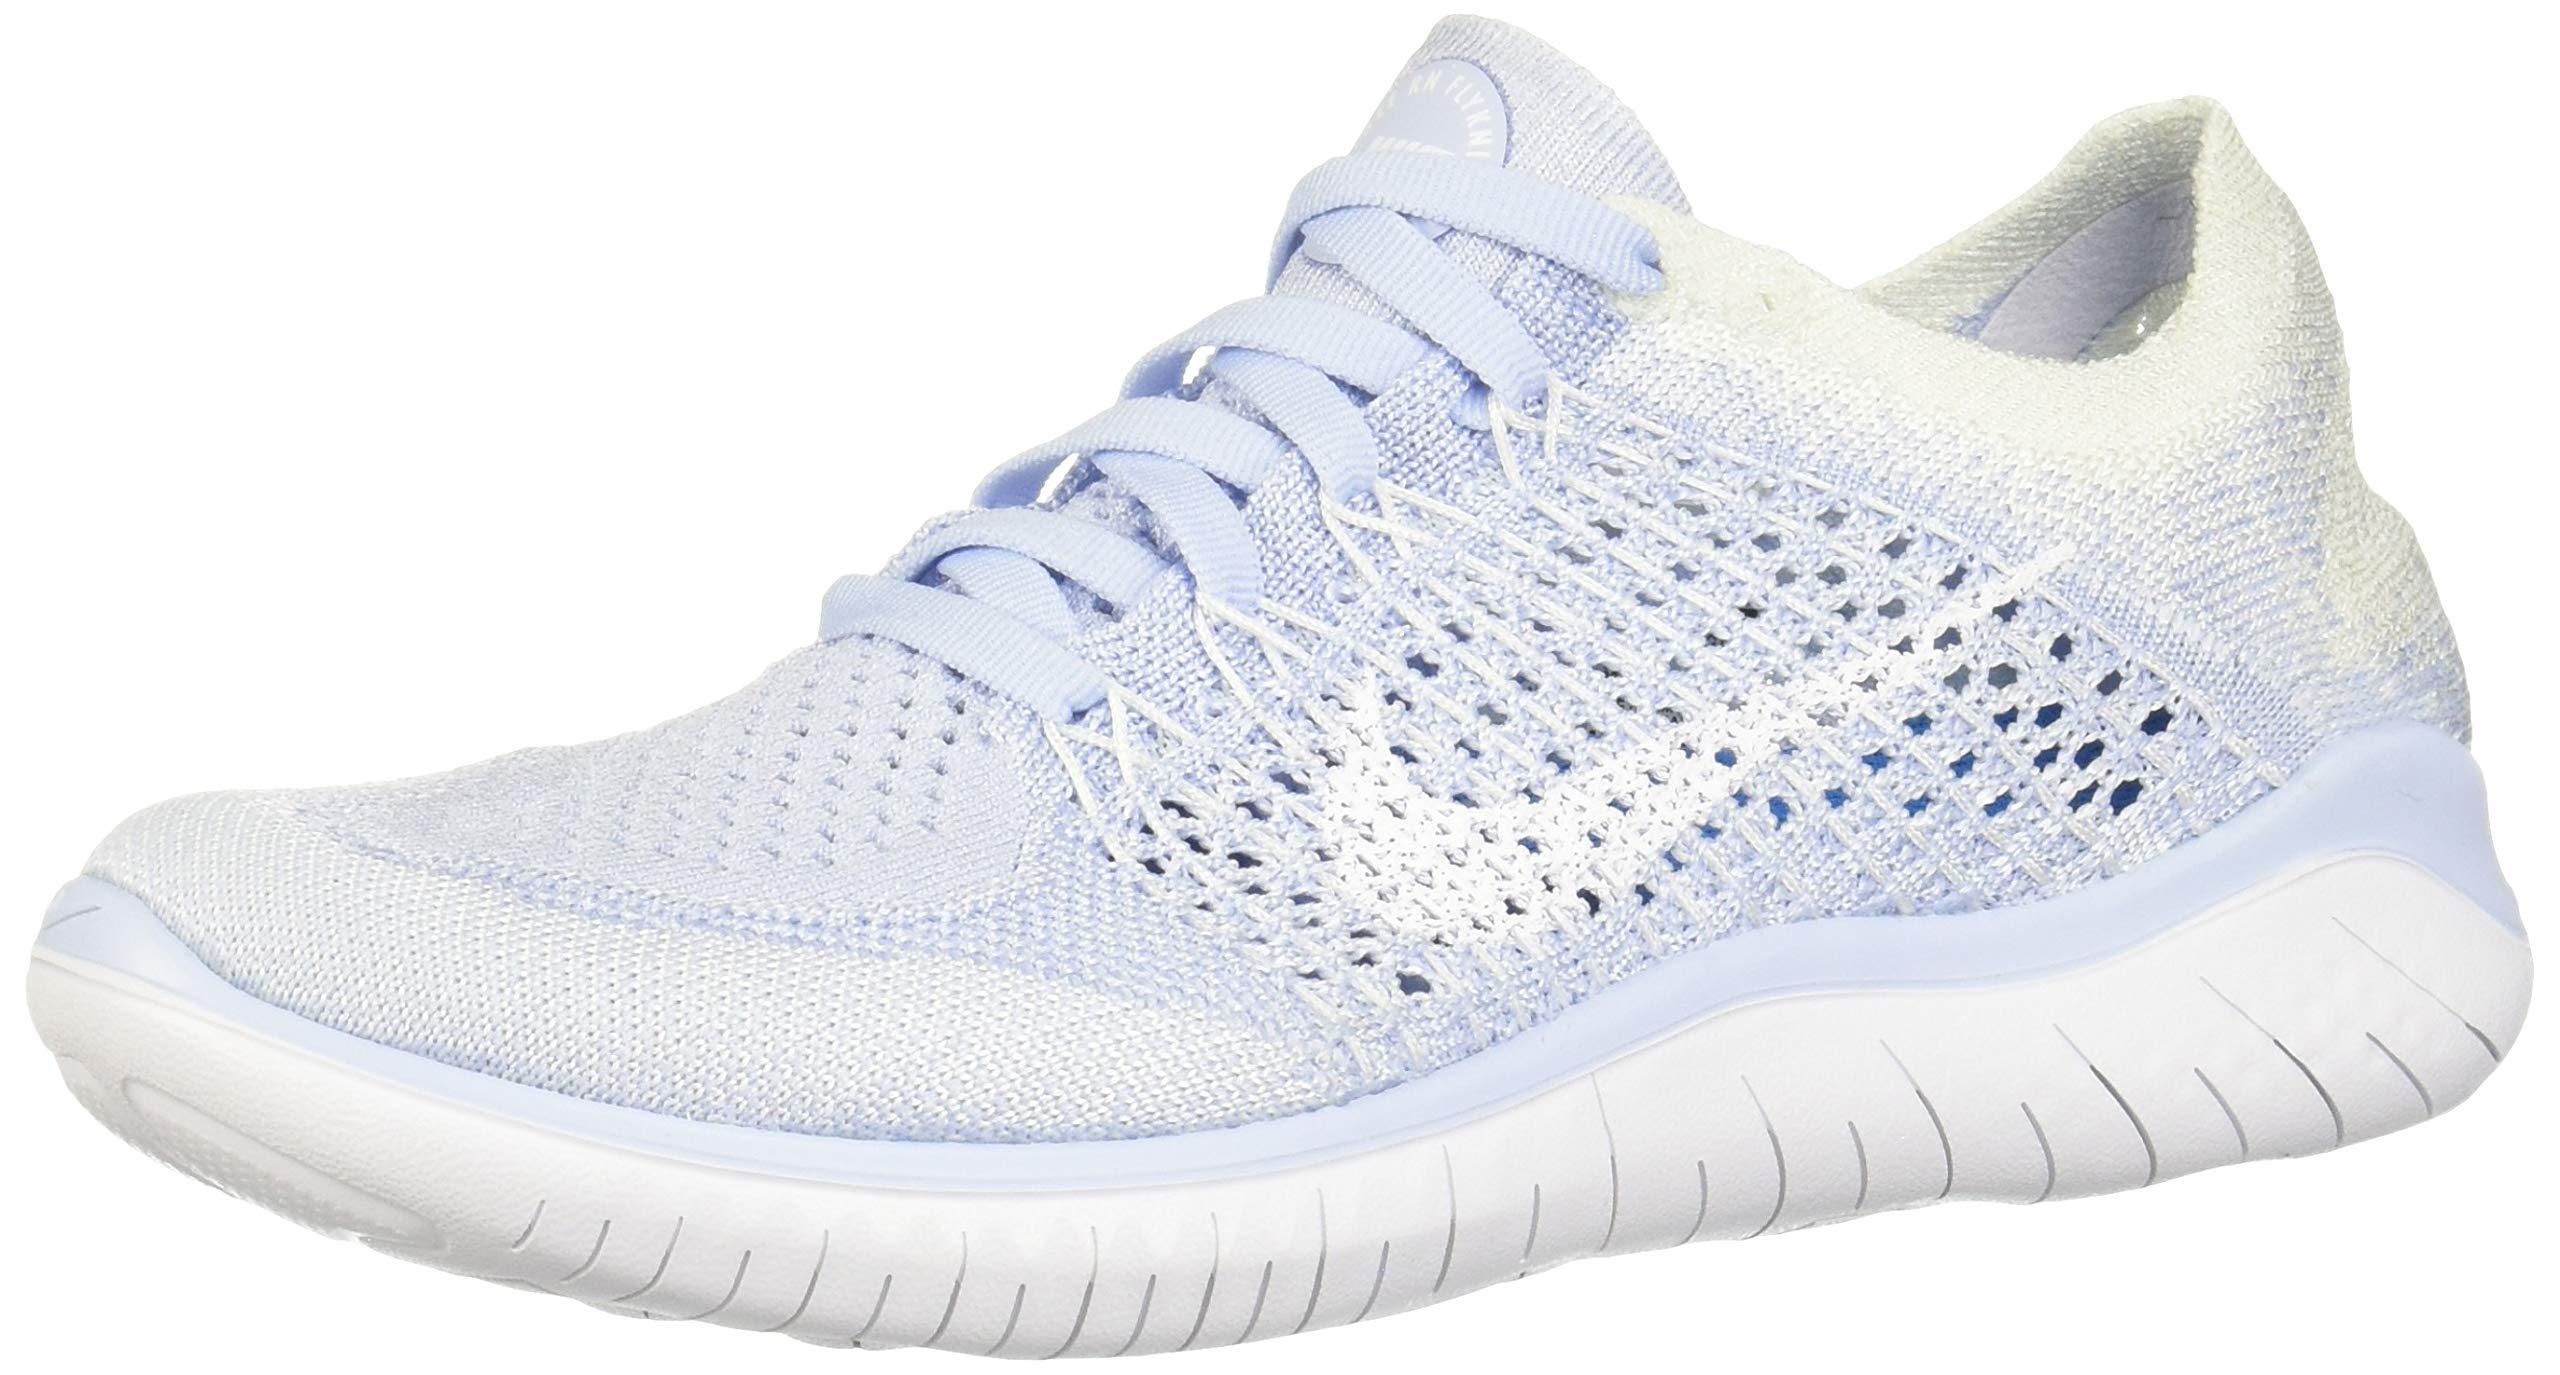 d1ac1951776 Galleon - Nike Women s Free Rn Flyknit 2018 Running Shoe 9 Blue